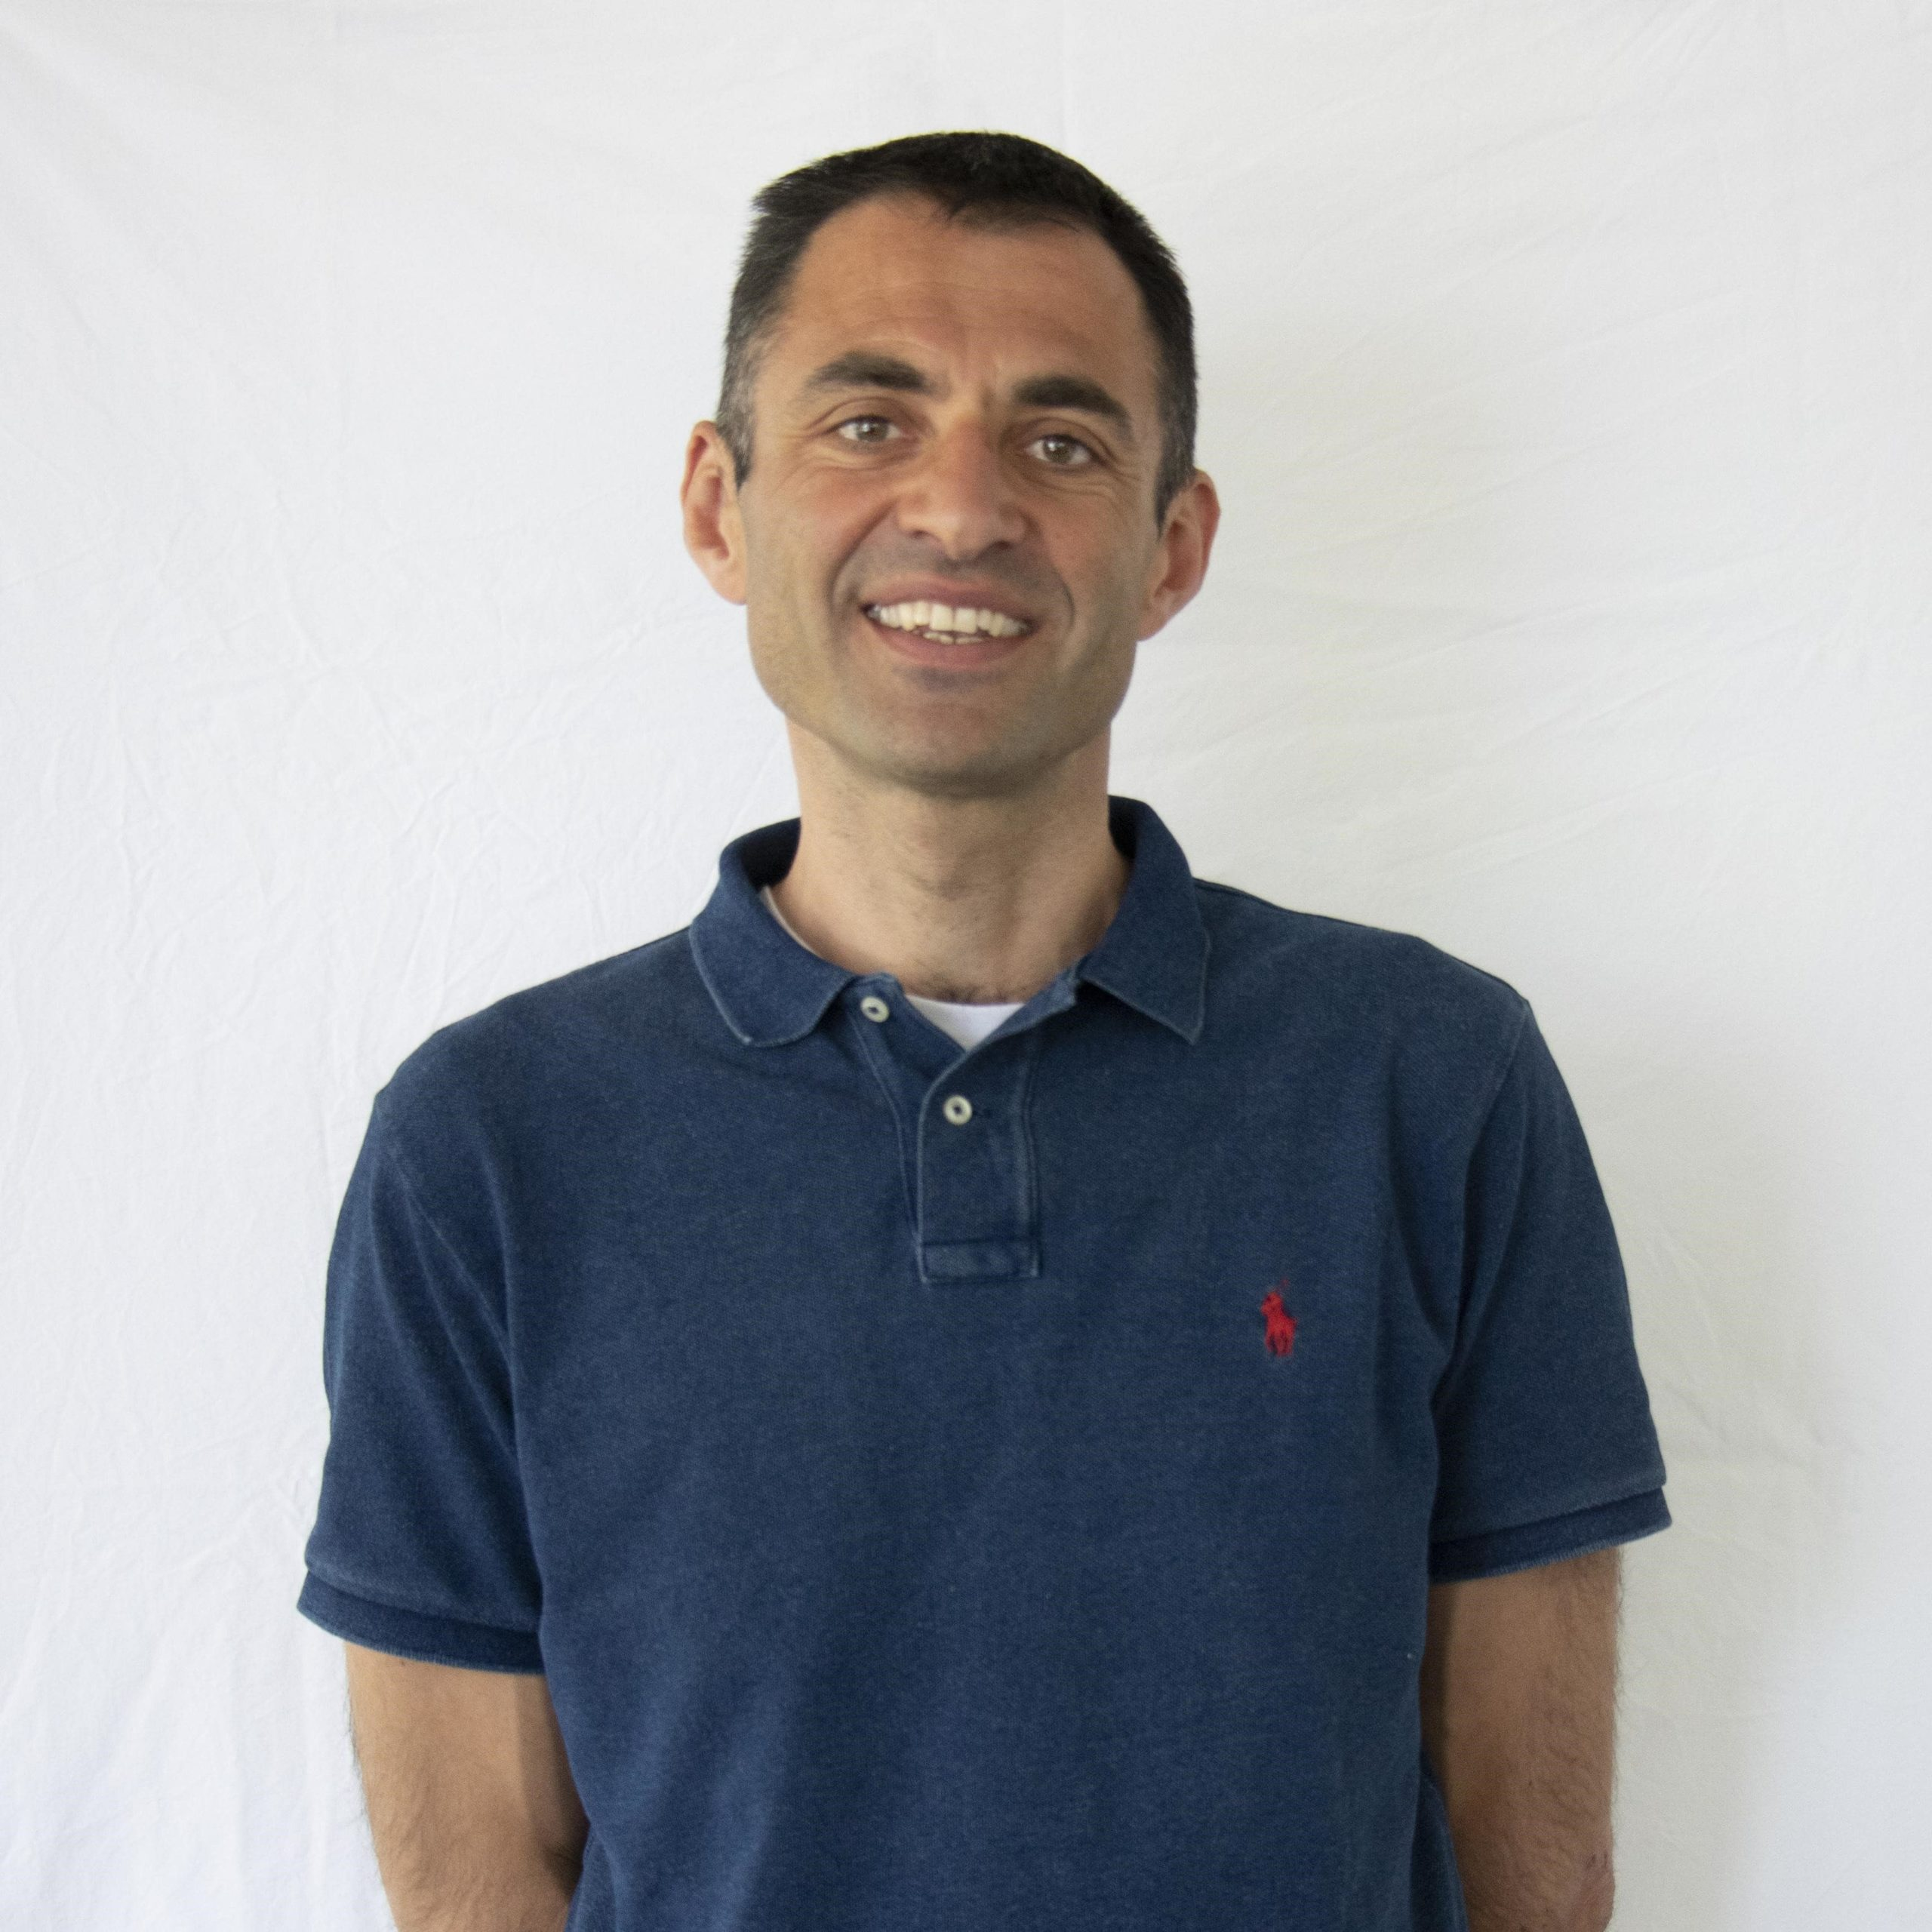 David De Zanna